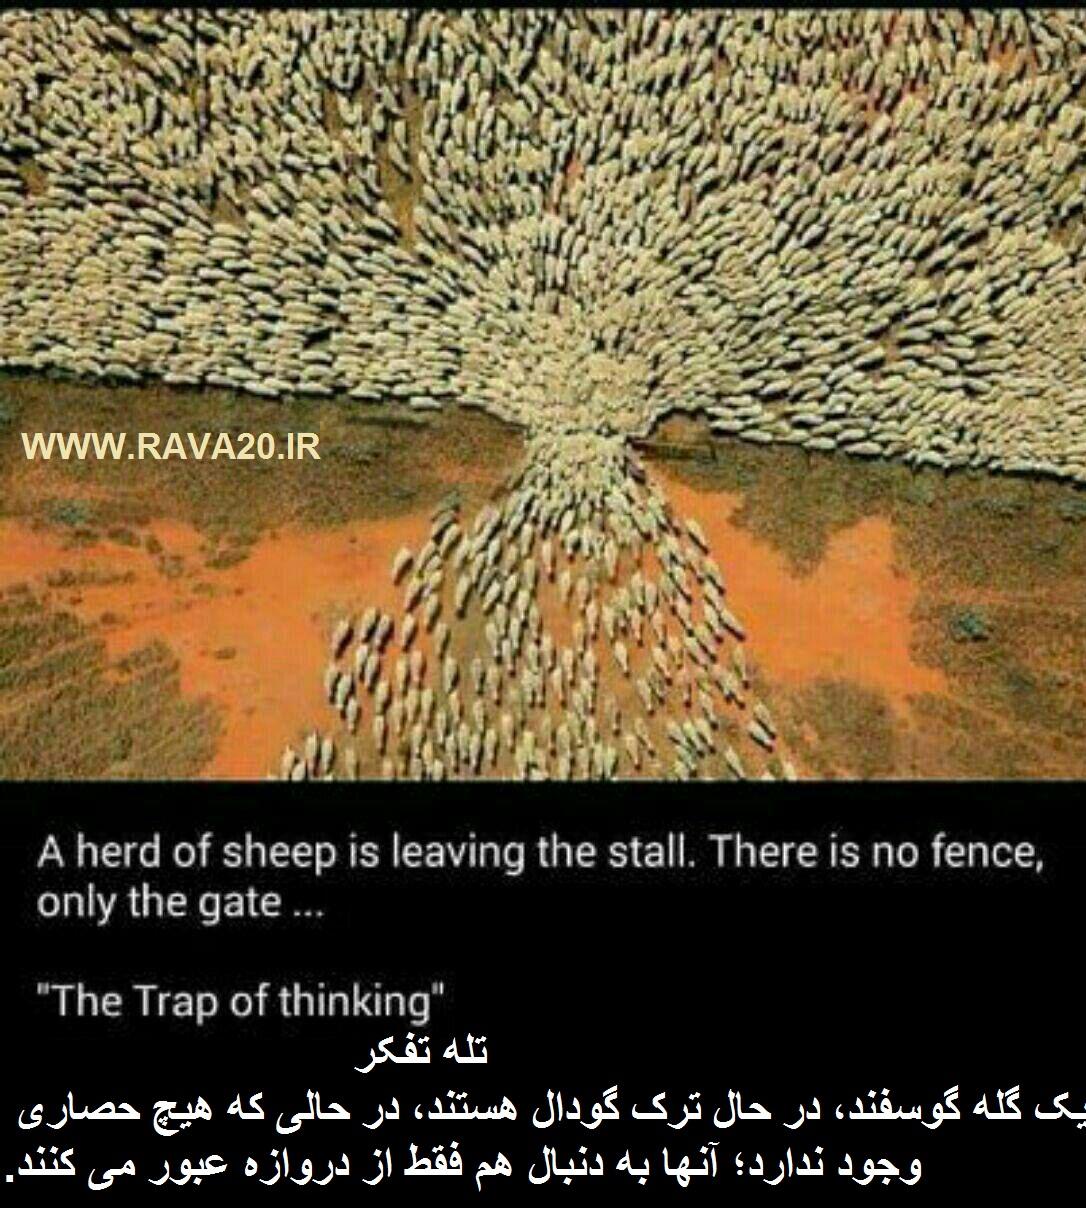 تله تفکر !   یک گله گوسفند، در حال ترک گودال هستند، در حالی که هیچ حصاری وجود ندارد؛ آنها به دنبال هم فقط از دروازه عبور میکنند!